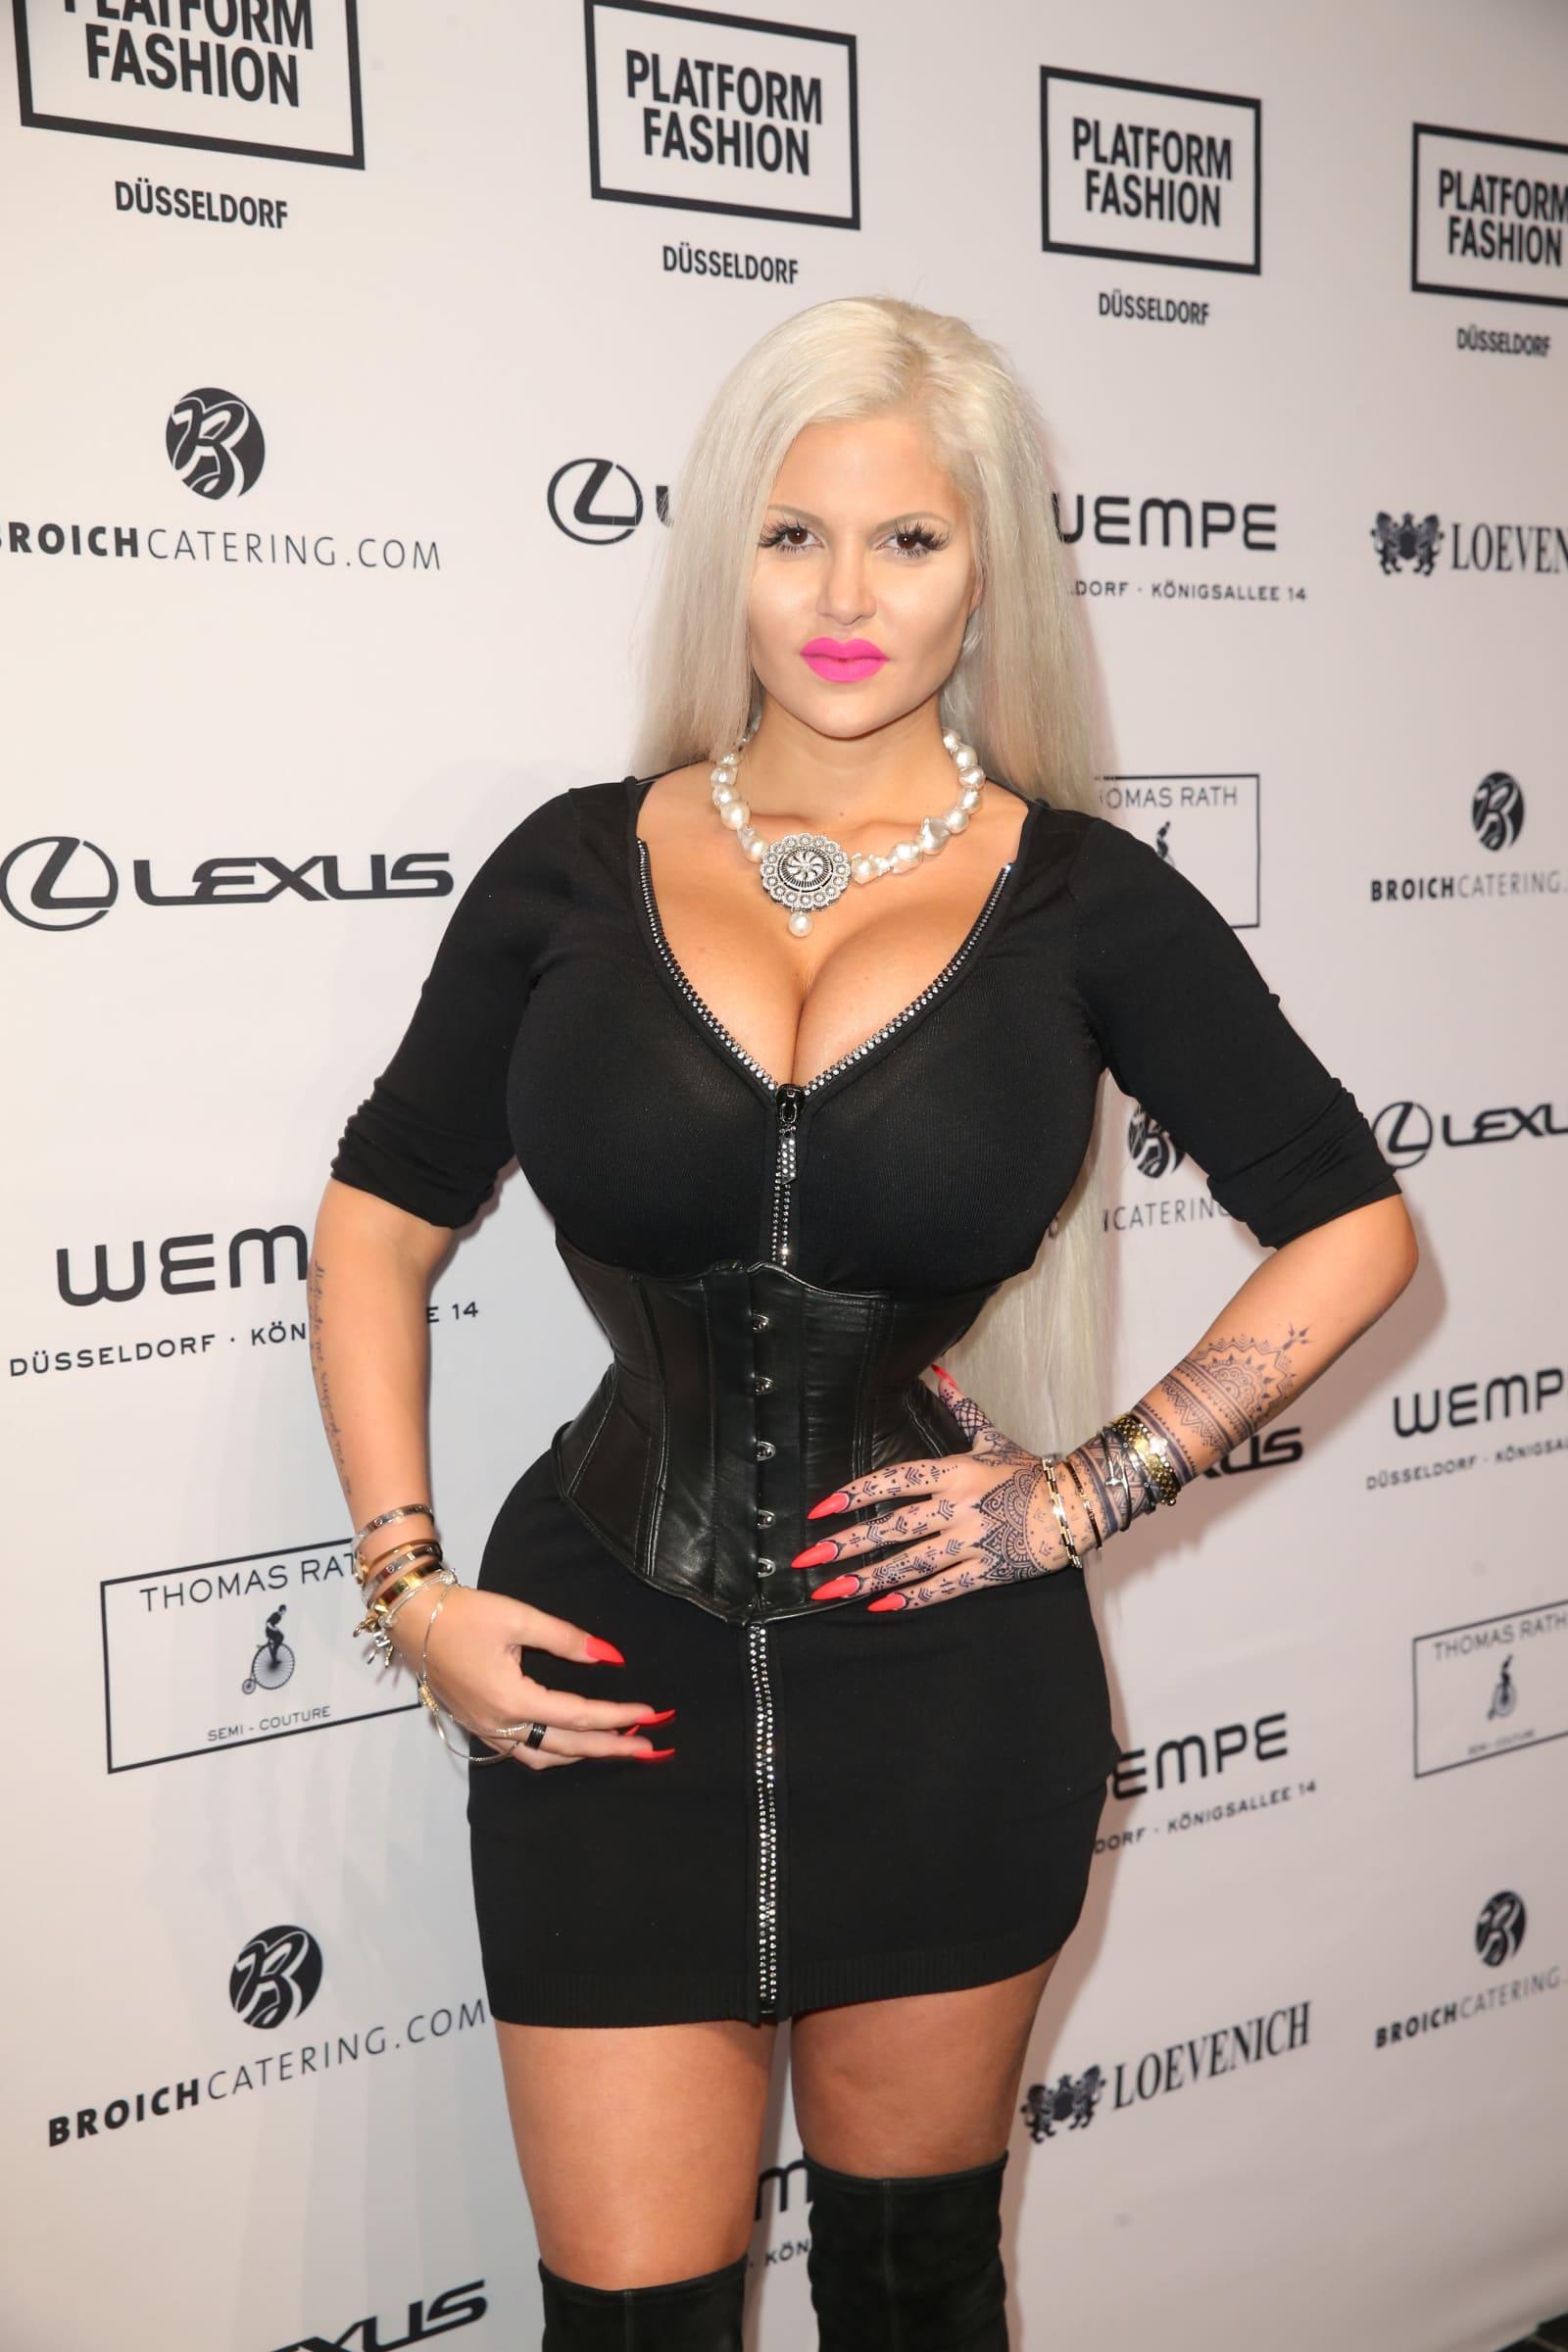 Sophia Vegas' traurige Beichte: Sie dachte, sie kann keine Kinder bekommen